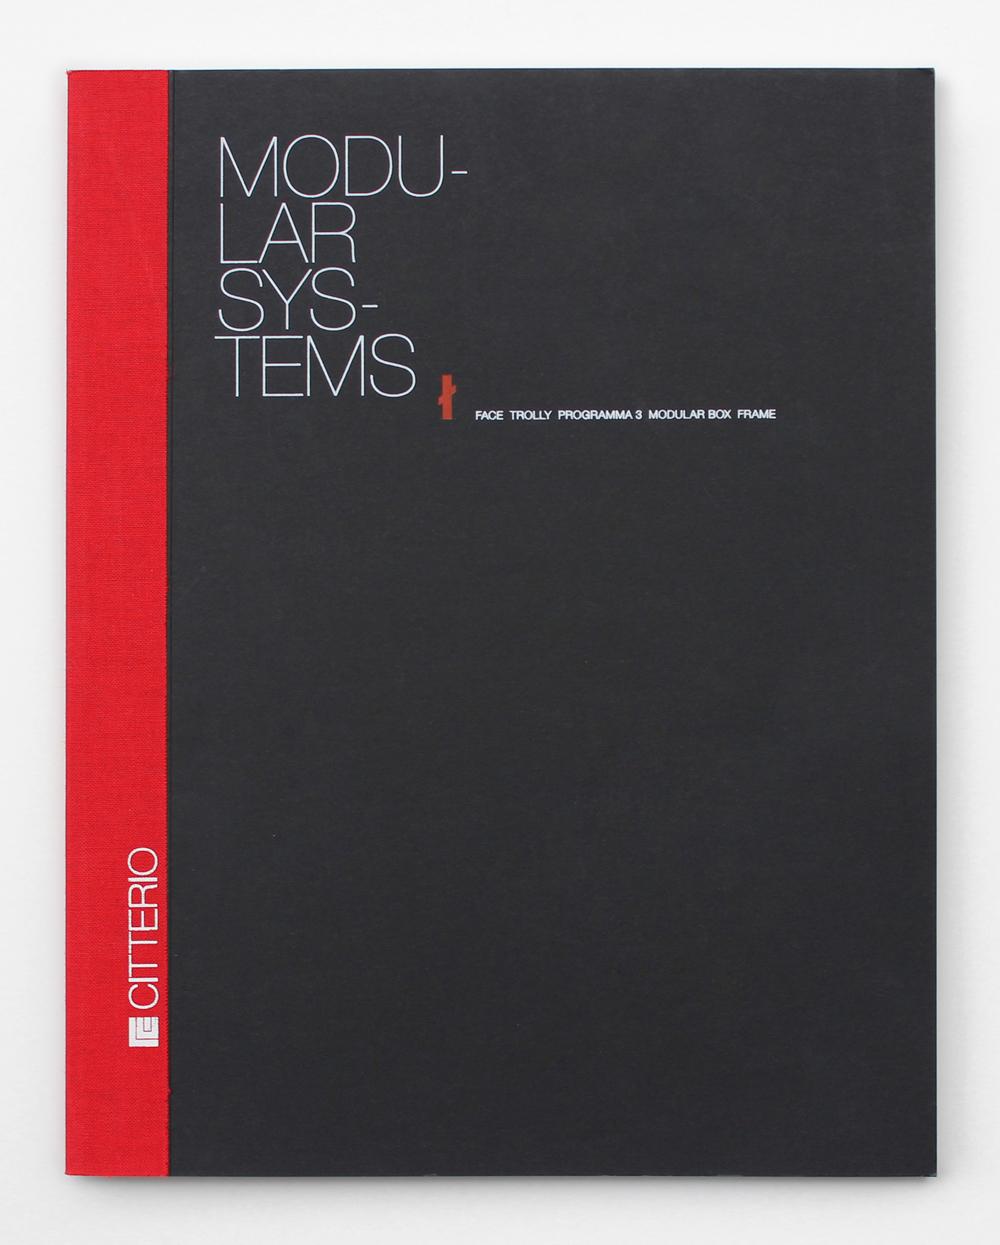 01_Citterio modulars_ufficio_Silvia Fanticelli